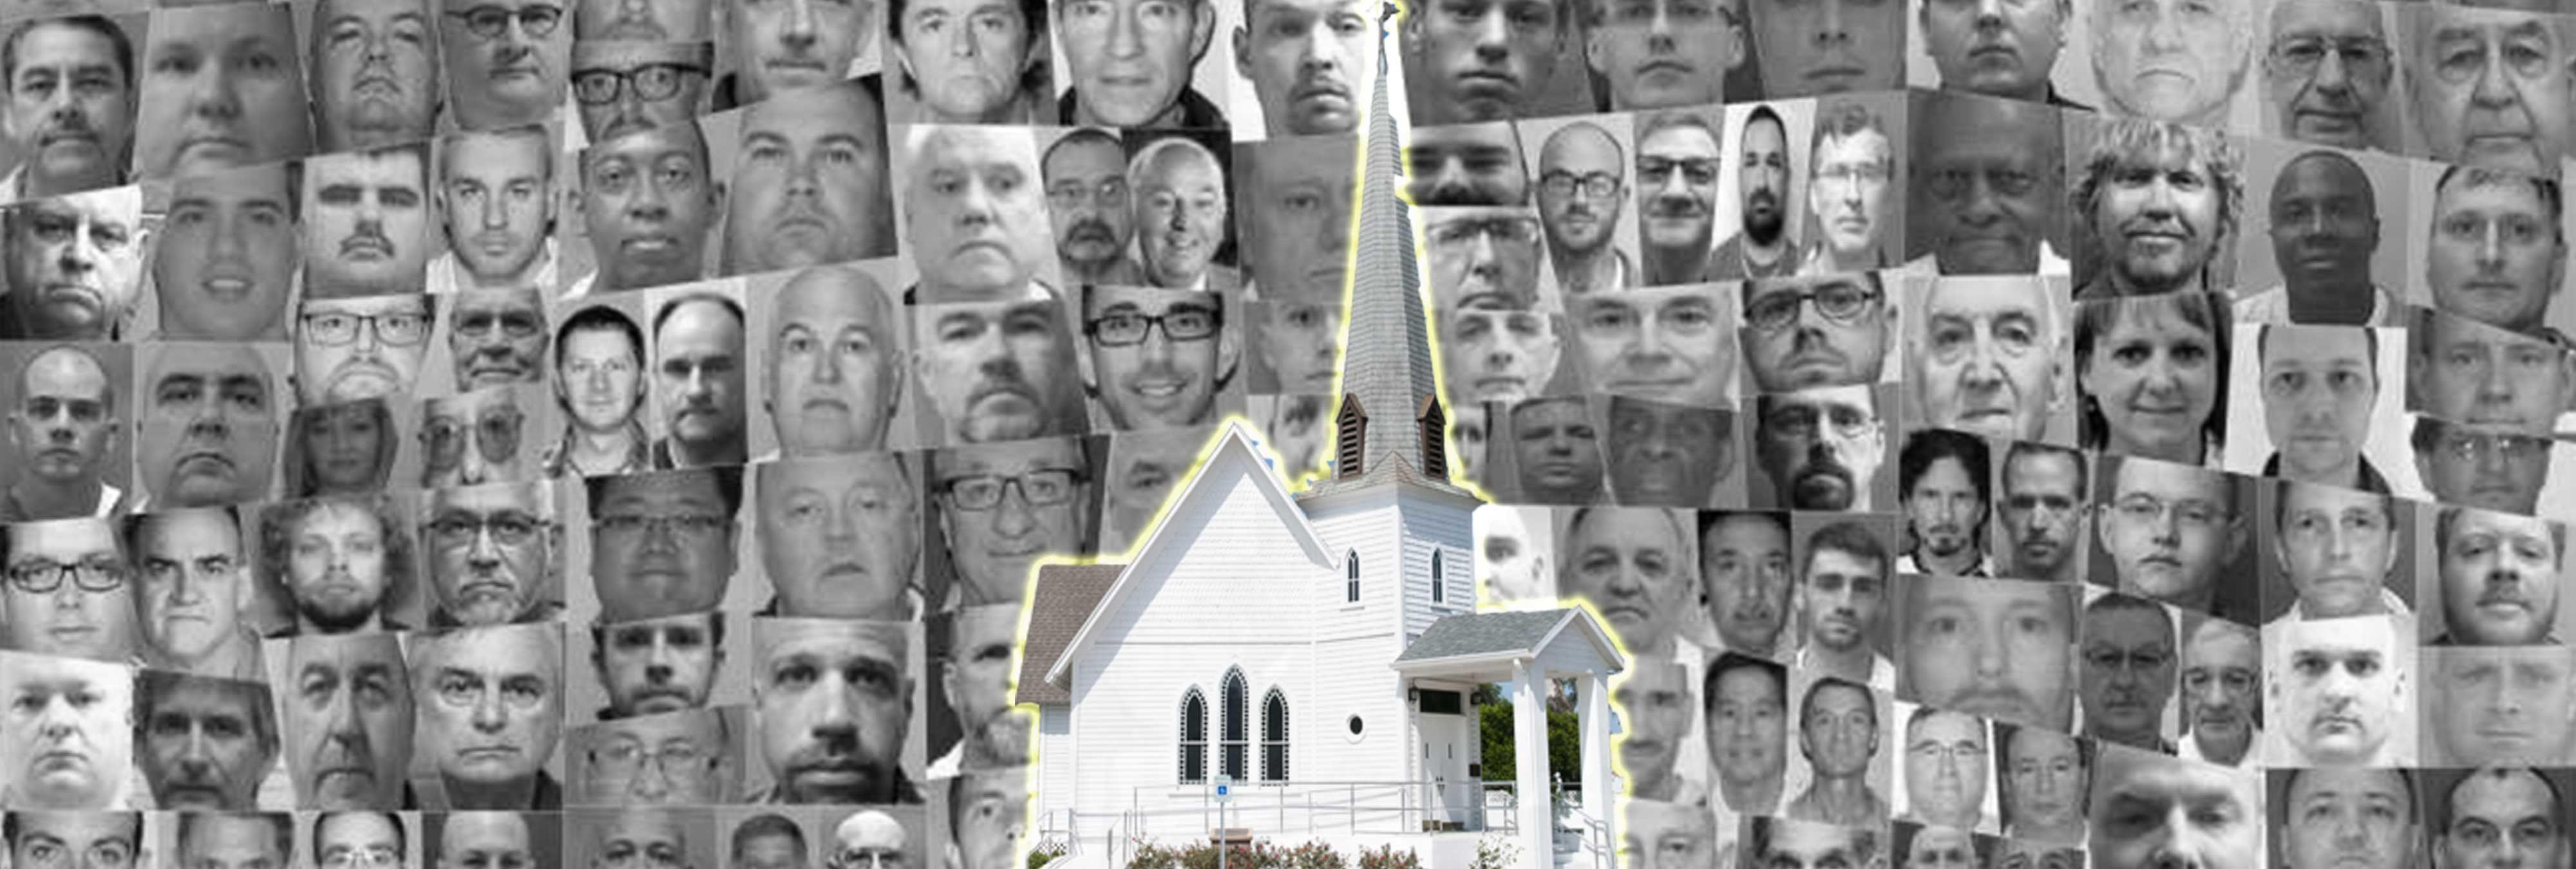 Escándalo en la Iglesia Bautista de EEUU con más de 700 víctimas por abusos sexuales